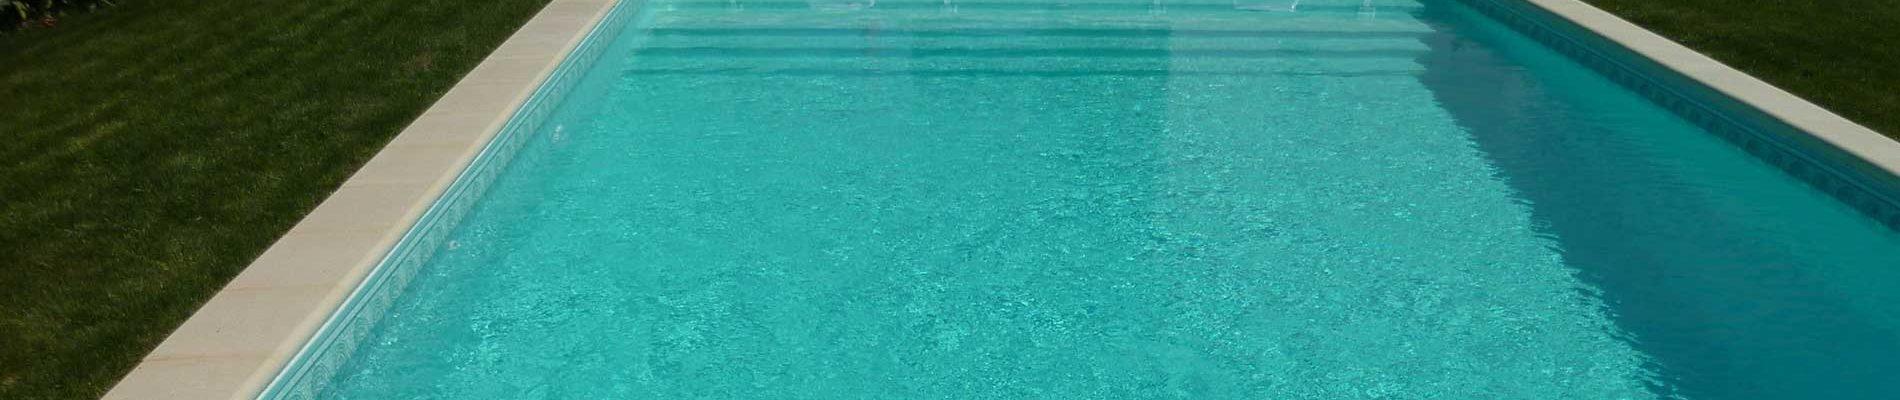 Fond piscines dugain troyes for Piscines dugain